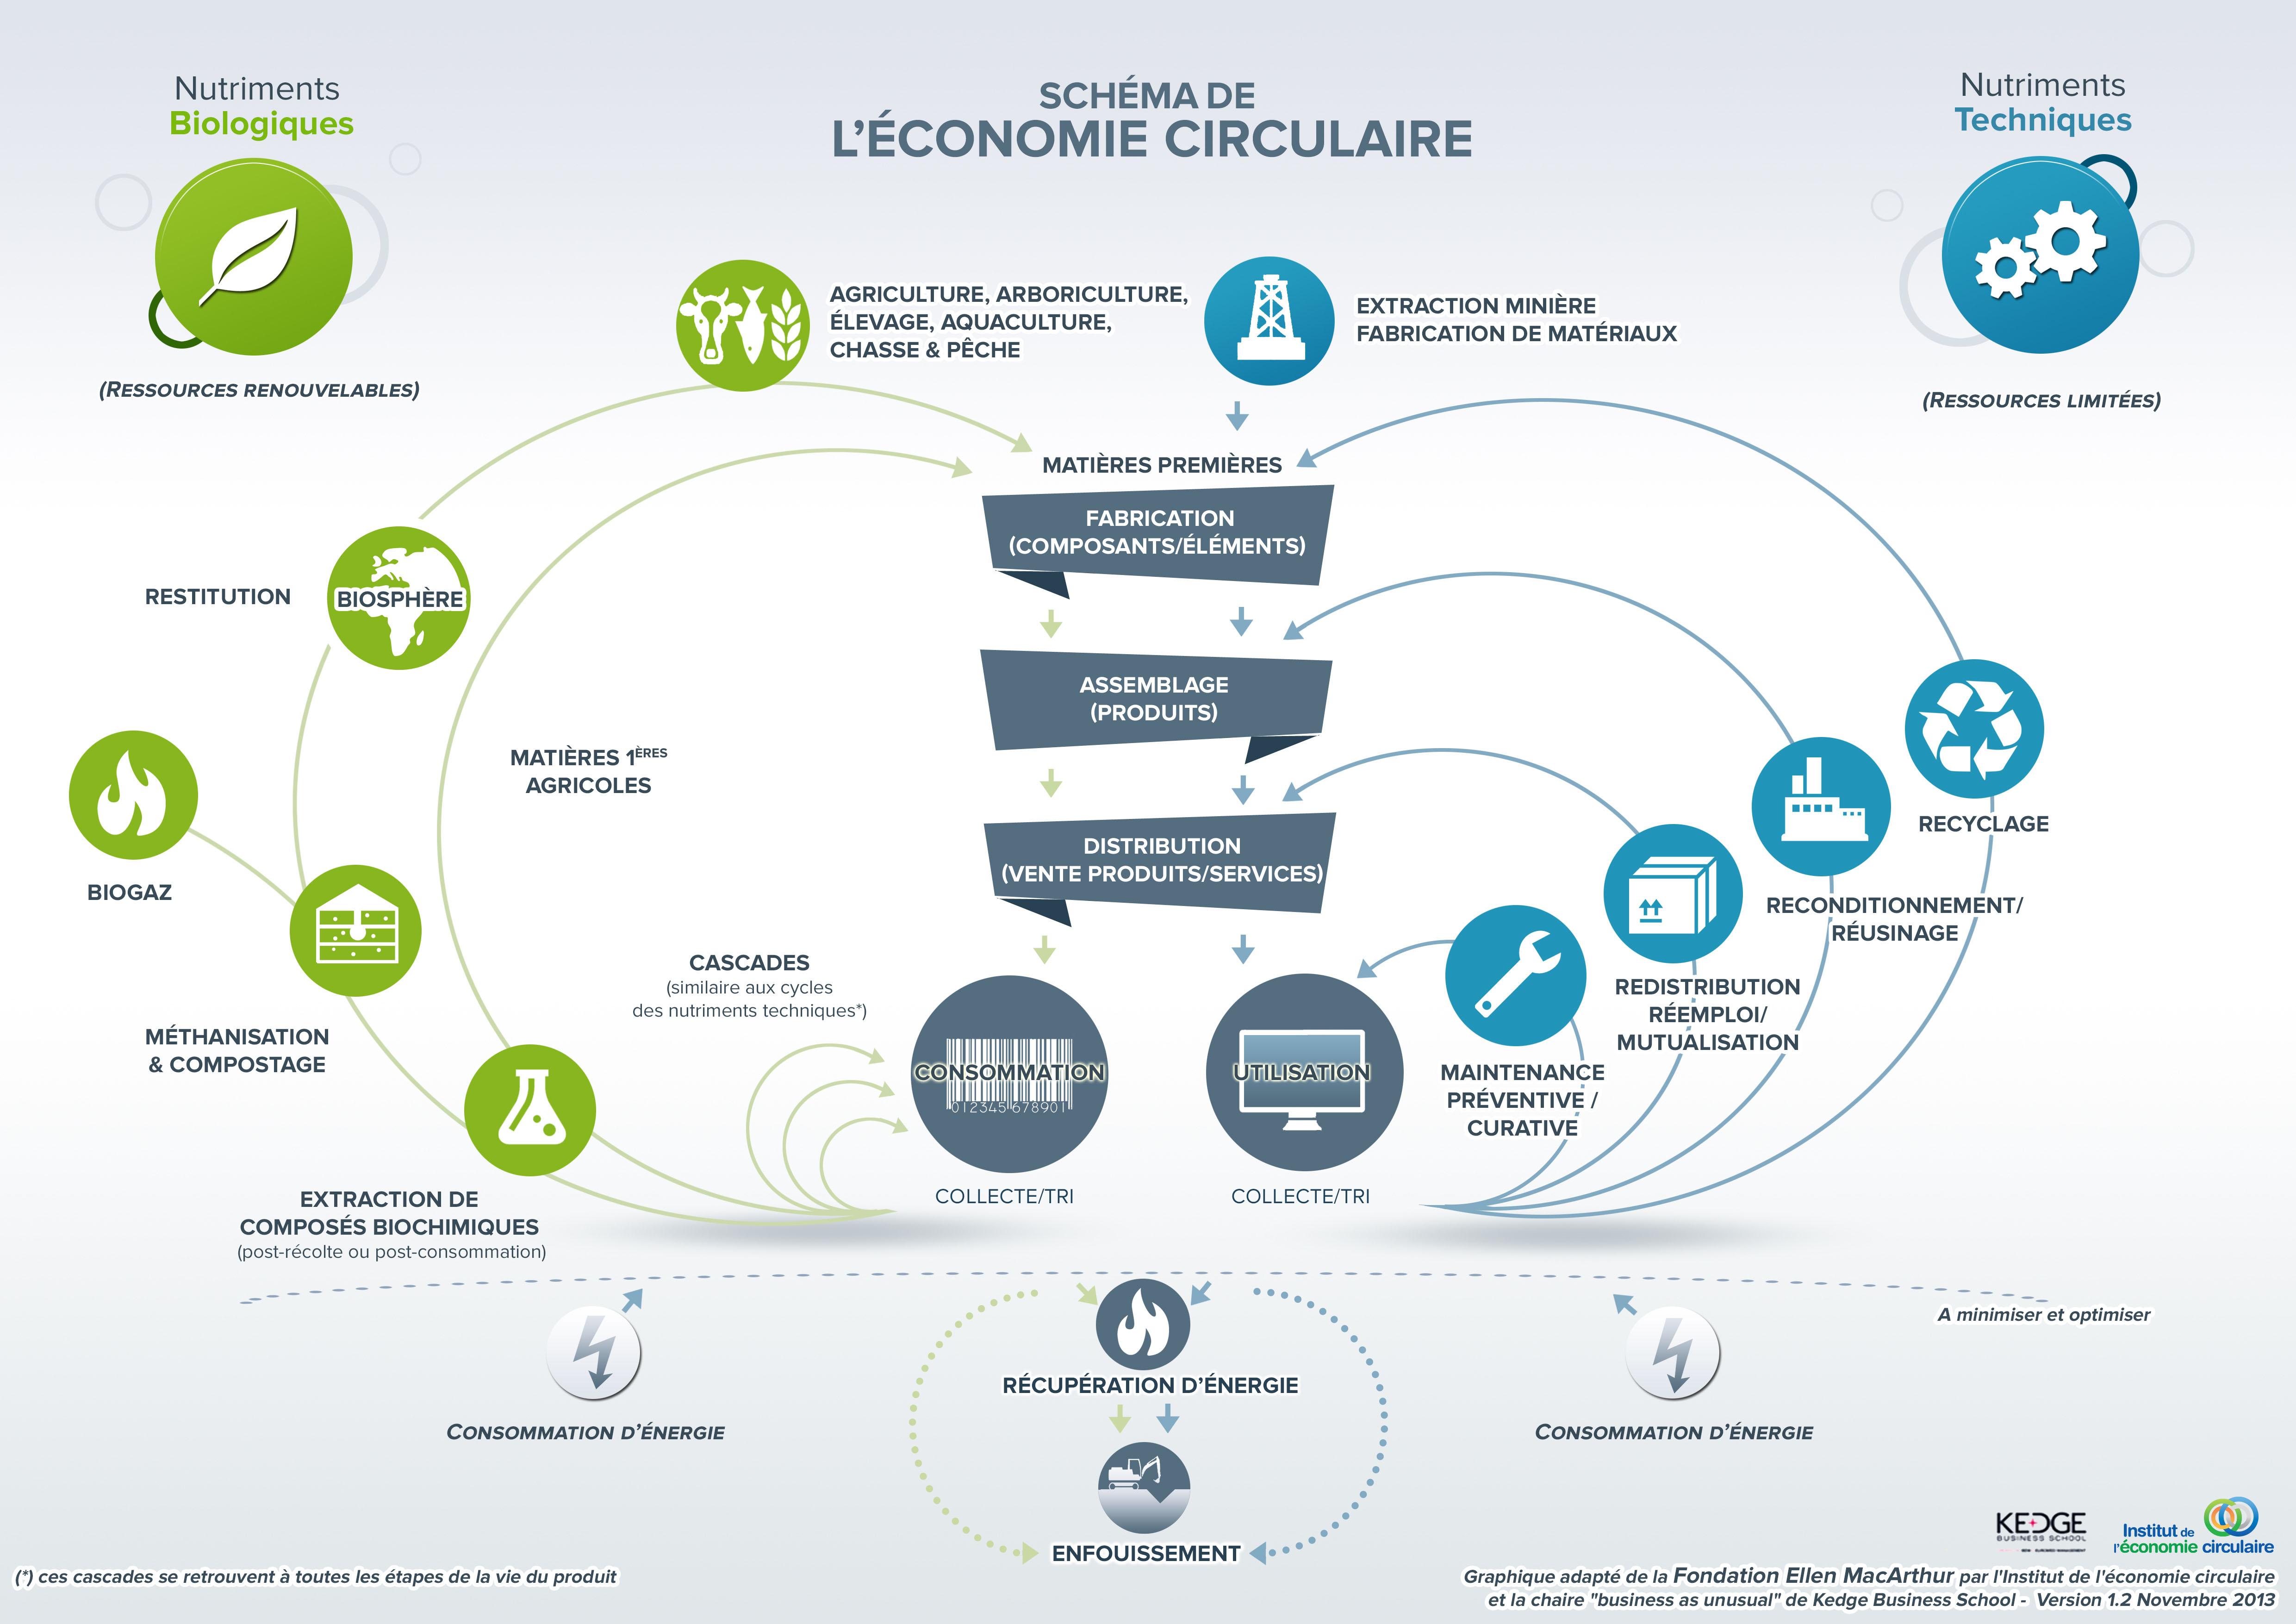 Schéma économie circulaire 2